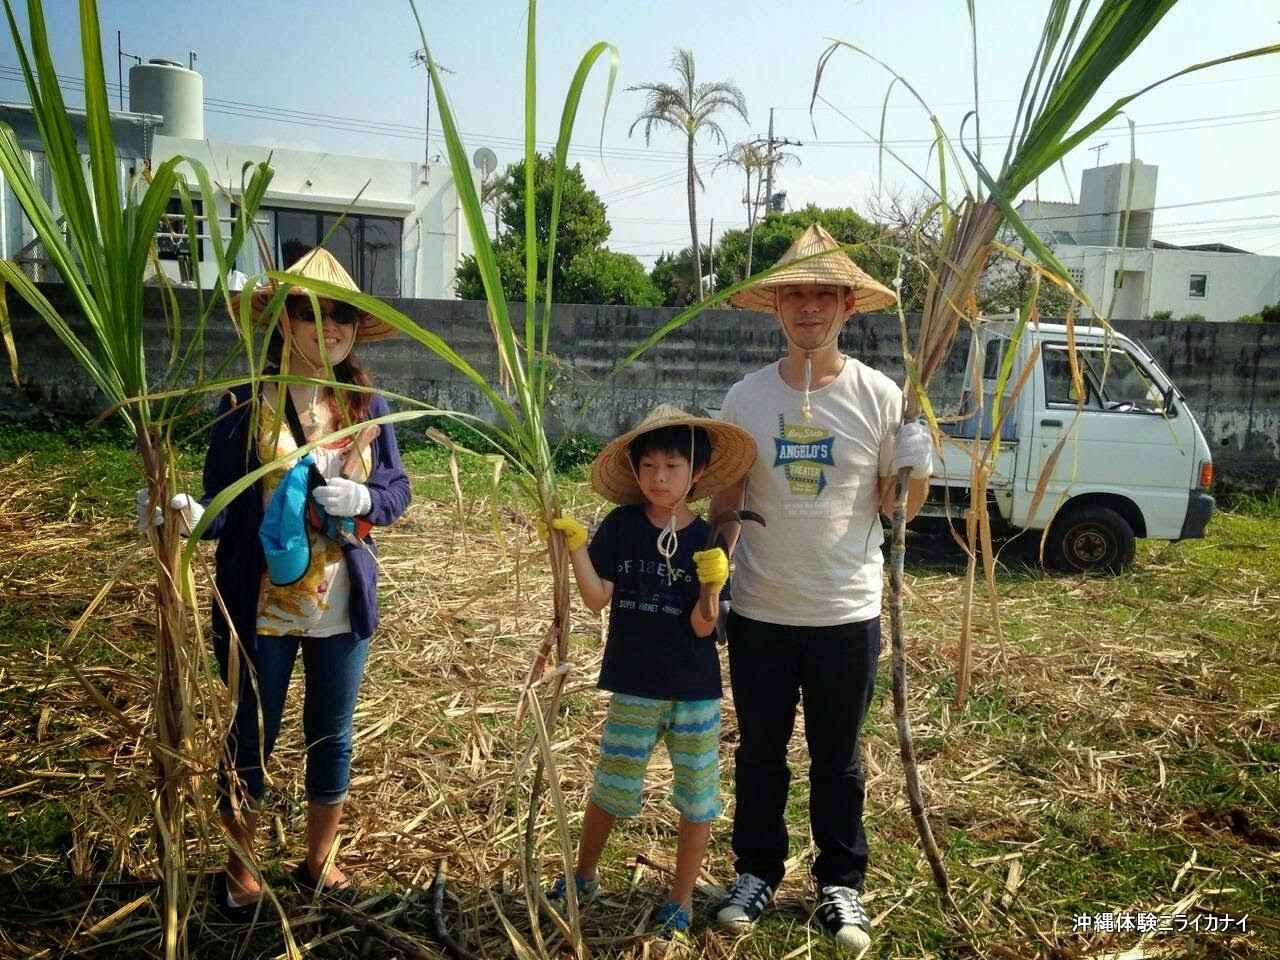 体験/観光 サトウキビ刈り体験 家族旅行